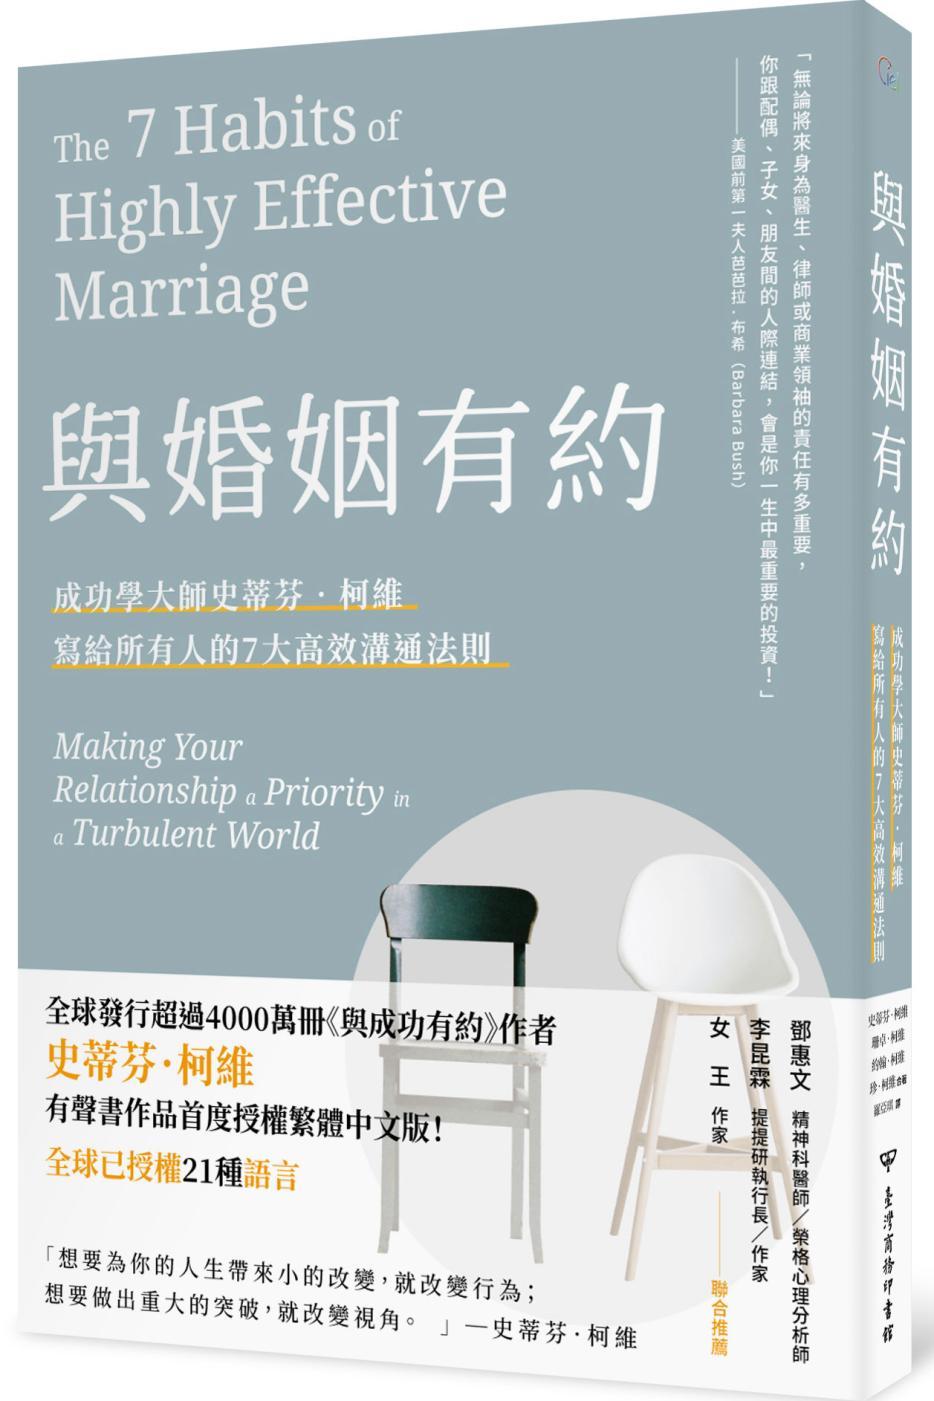 與婚姻有約:成功學大師史蒂芬·...